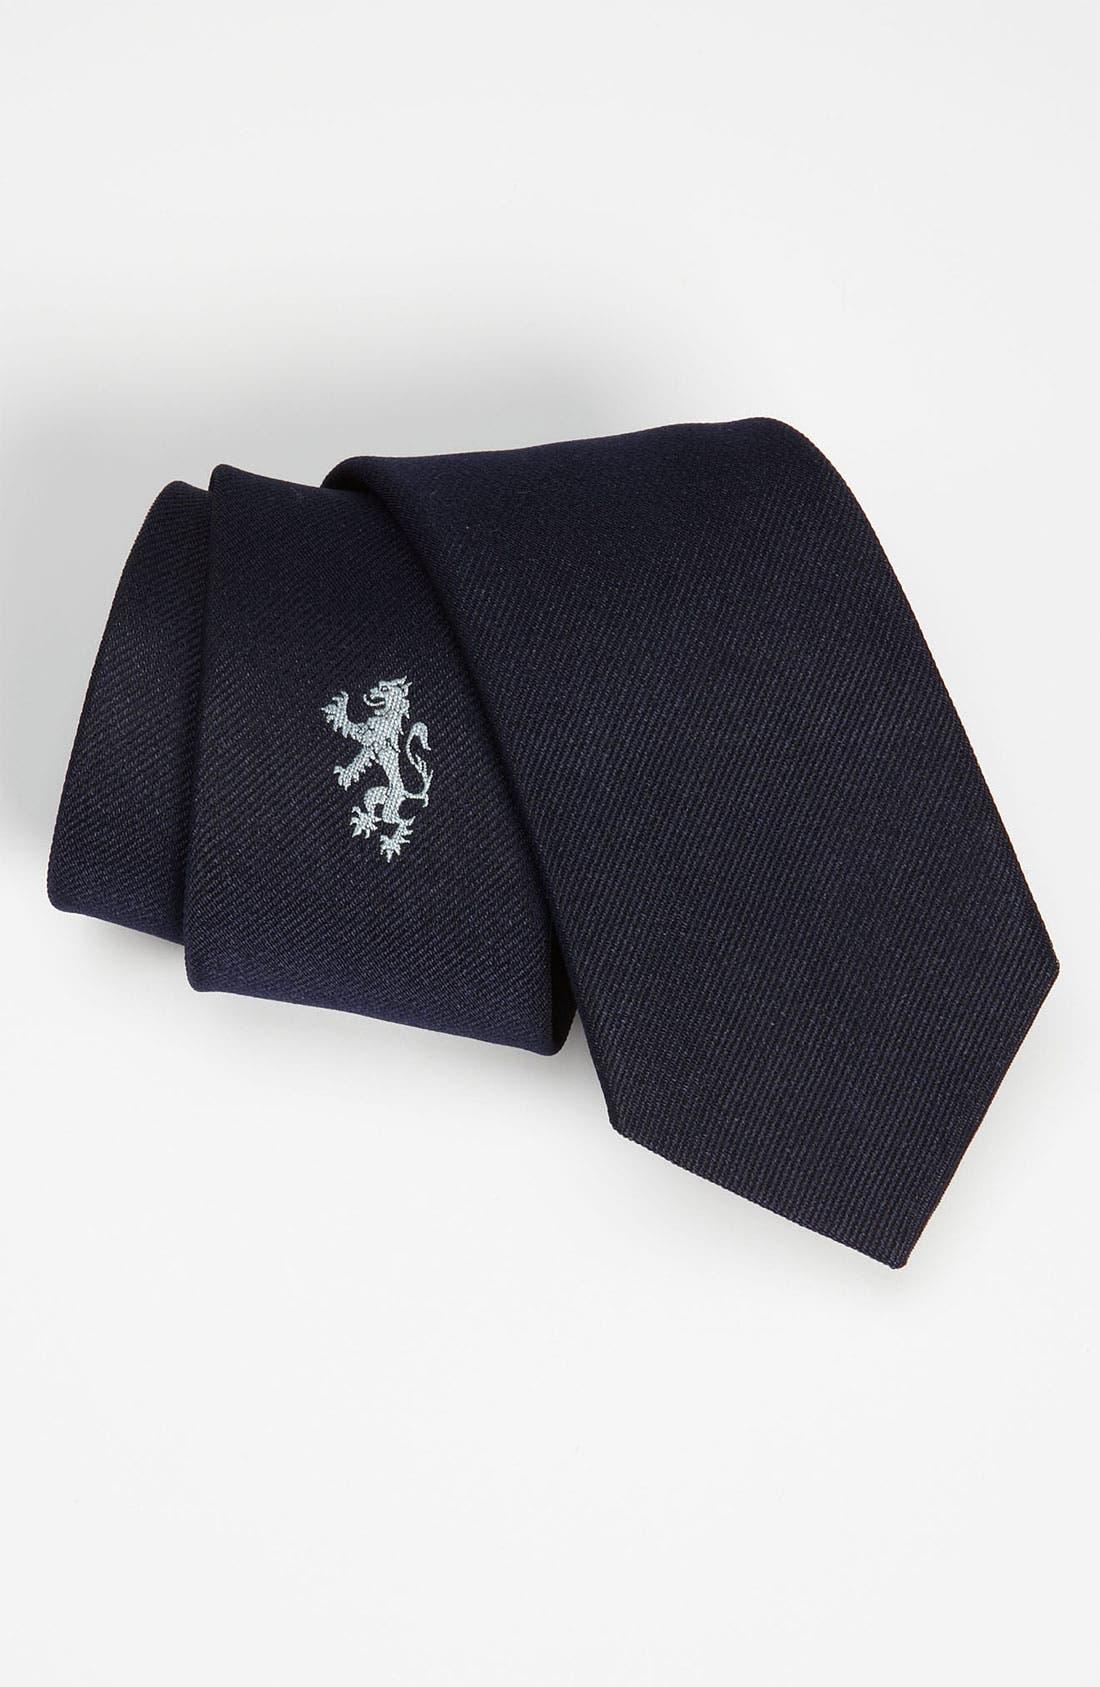 Main Image - Fahlgren Woven Silk Tie